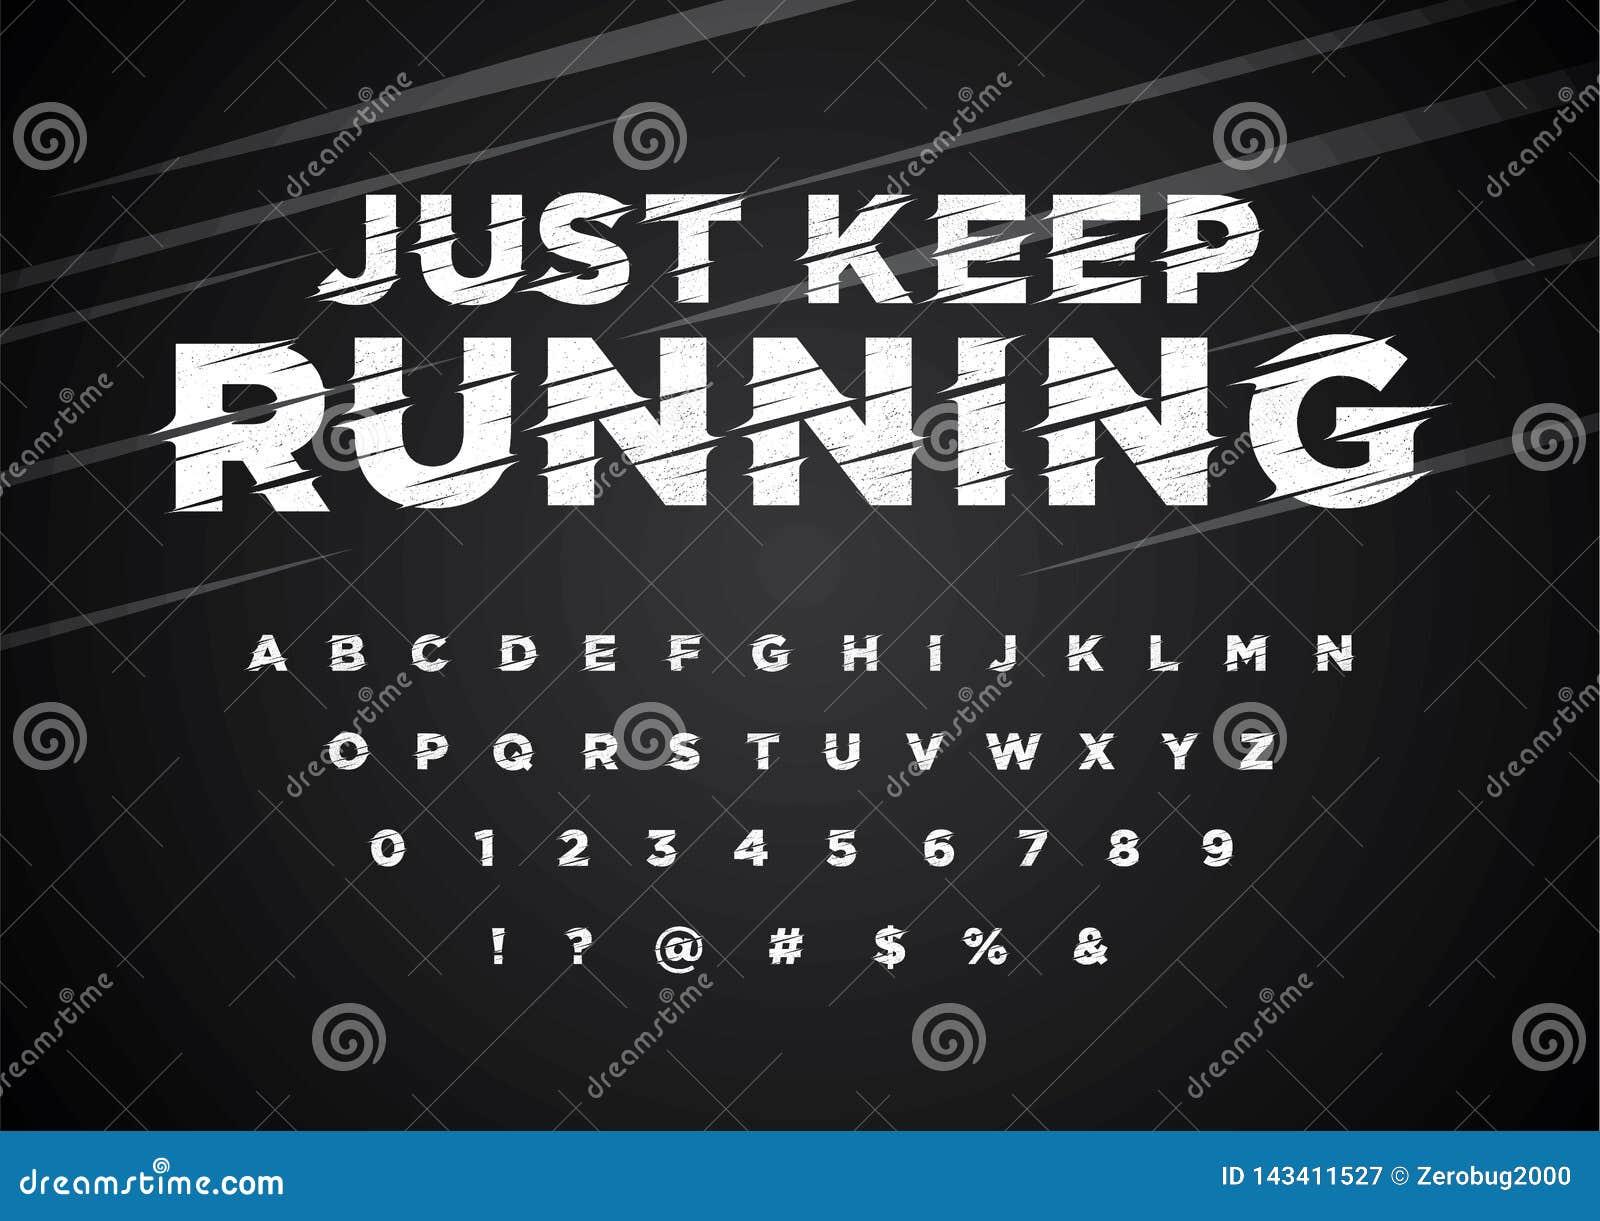 Stylized font